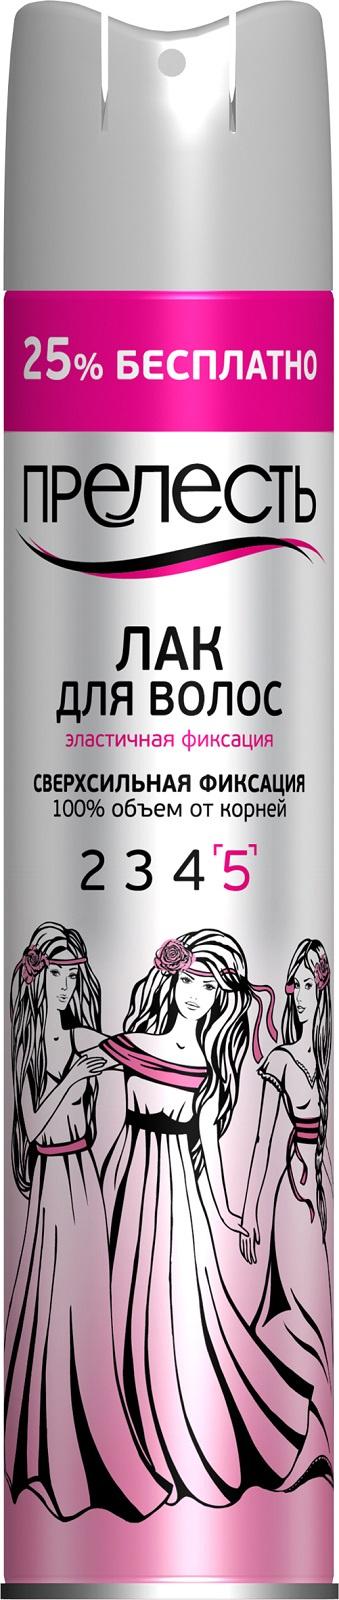 """Лак для волос Прелесть """"Сверхсильная фиксация"""" промо-формат, 250 мл"""